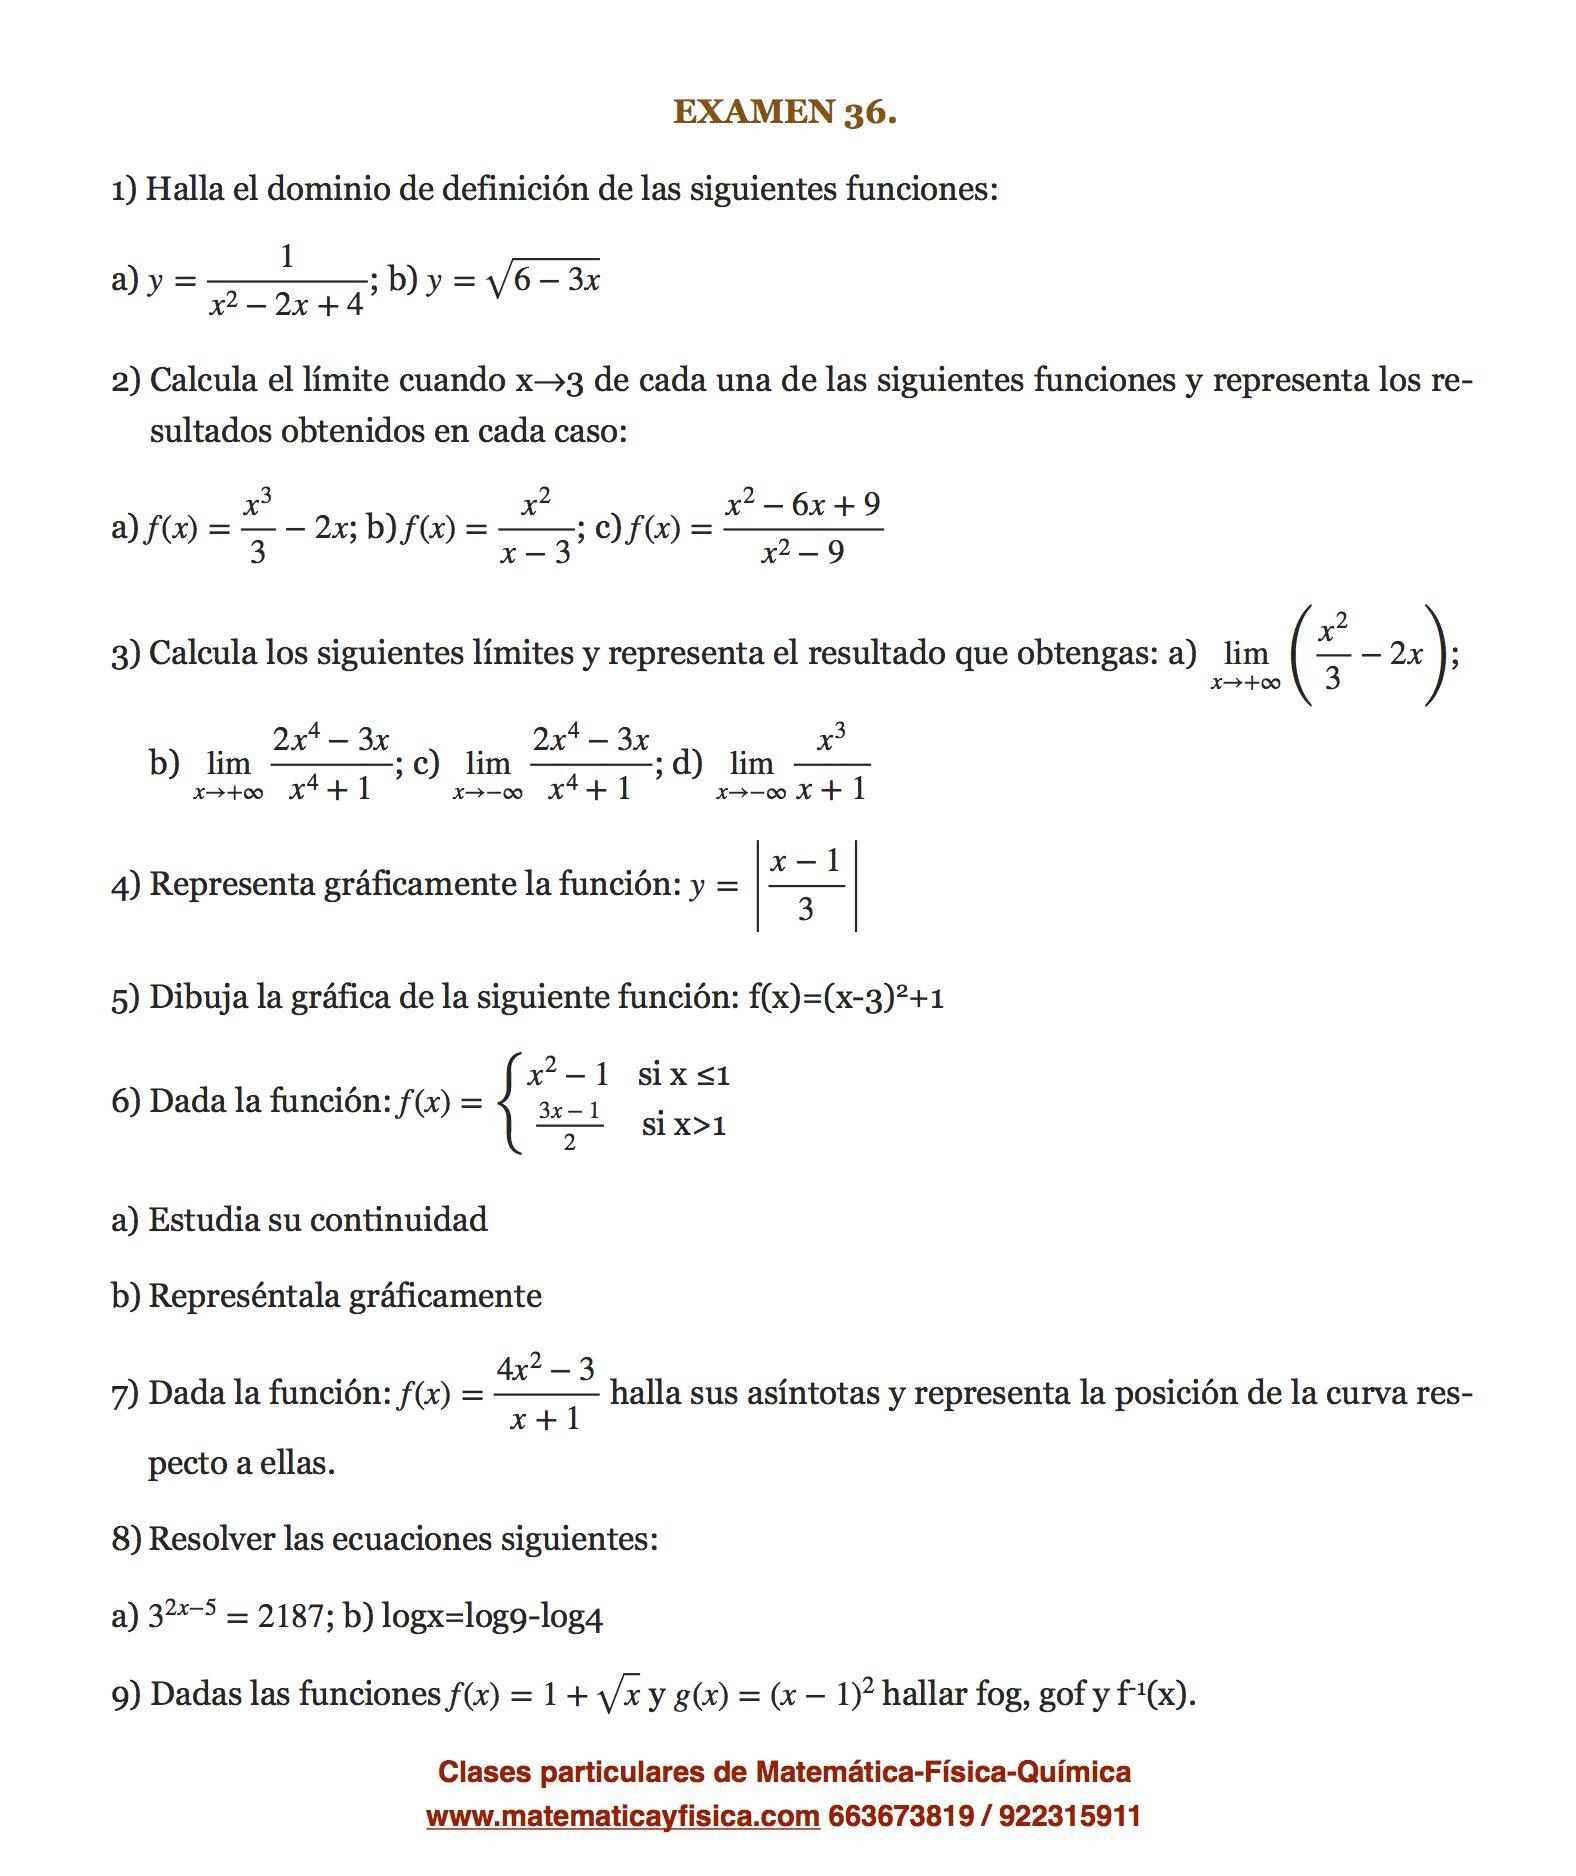 Examen 36 Matematica Bachillerato Examen De Matematicas